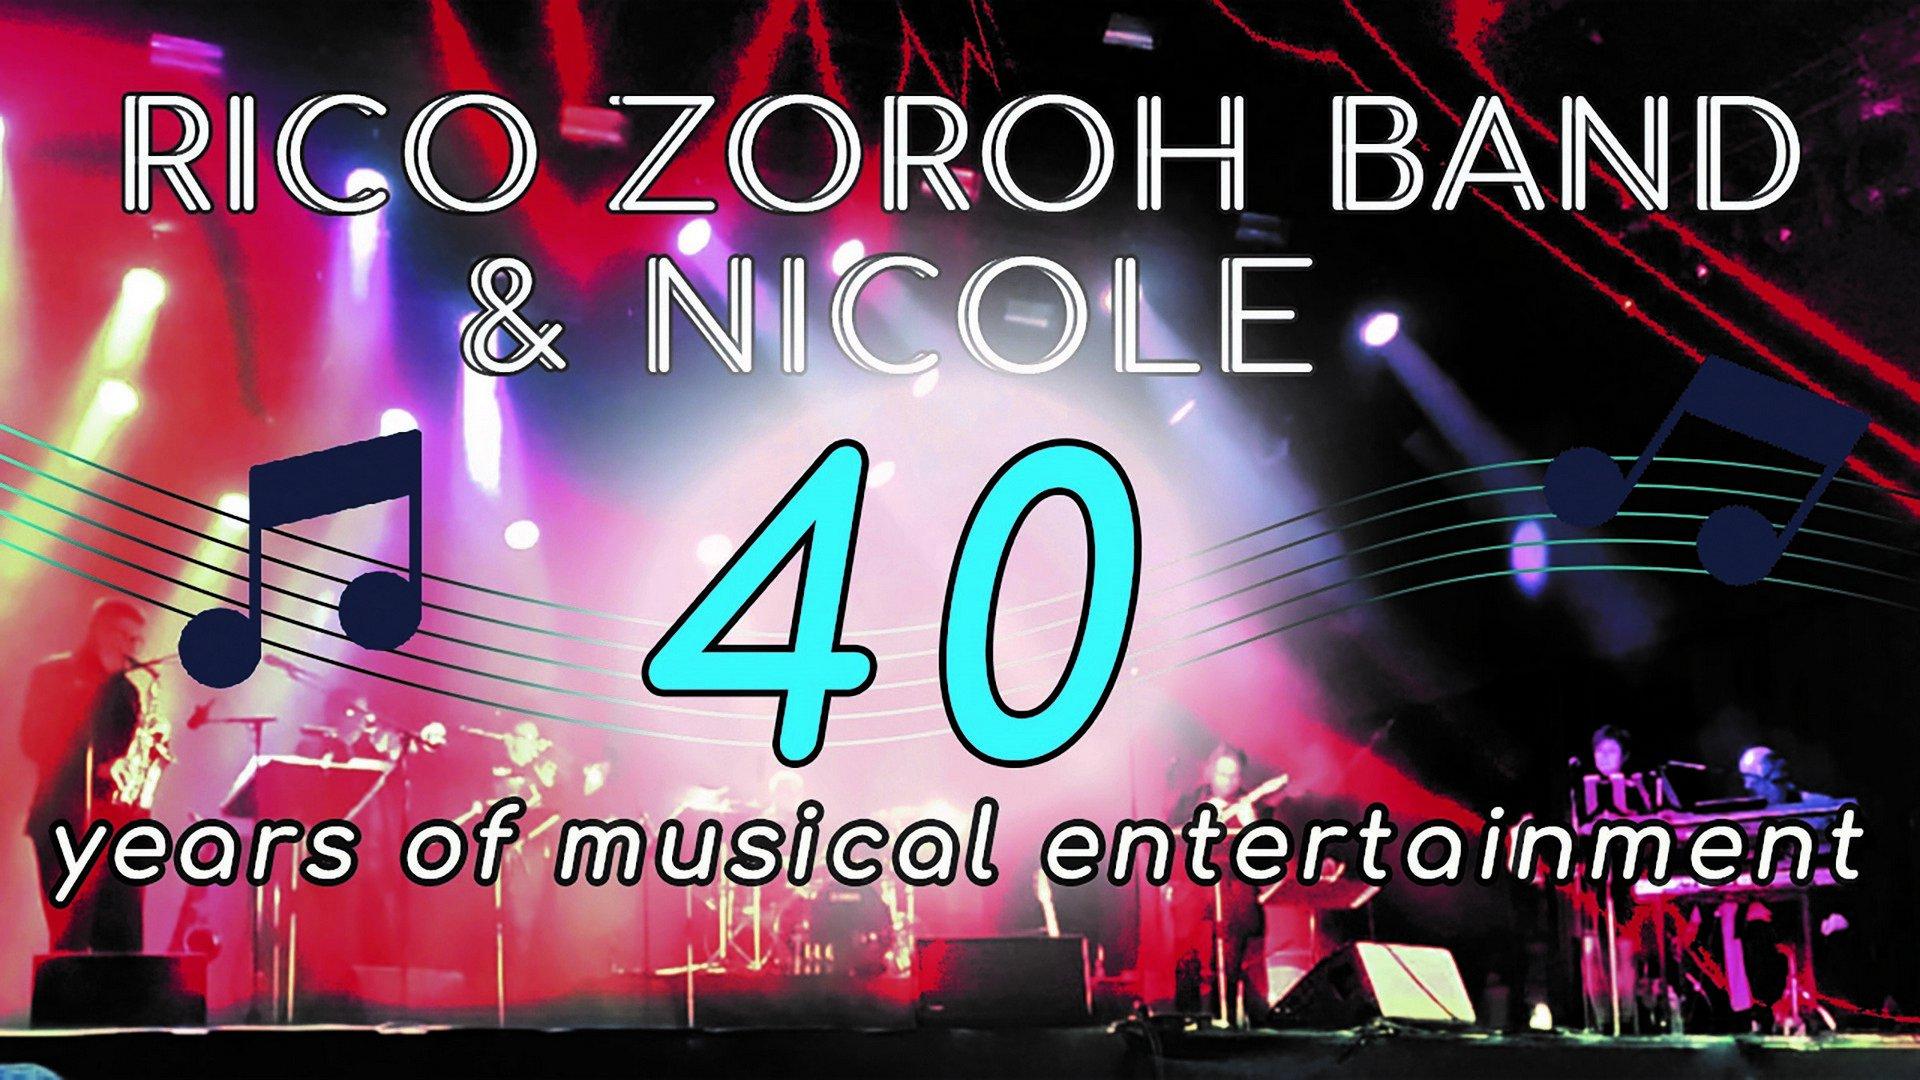 De Rico Zoroh Band & Nicole vieren volgend jaar 40 jaar op de planken! - Rico Zoroh Band Nicole 1